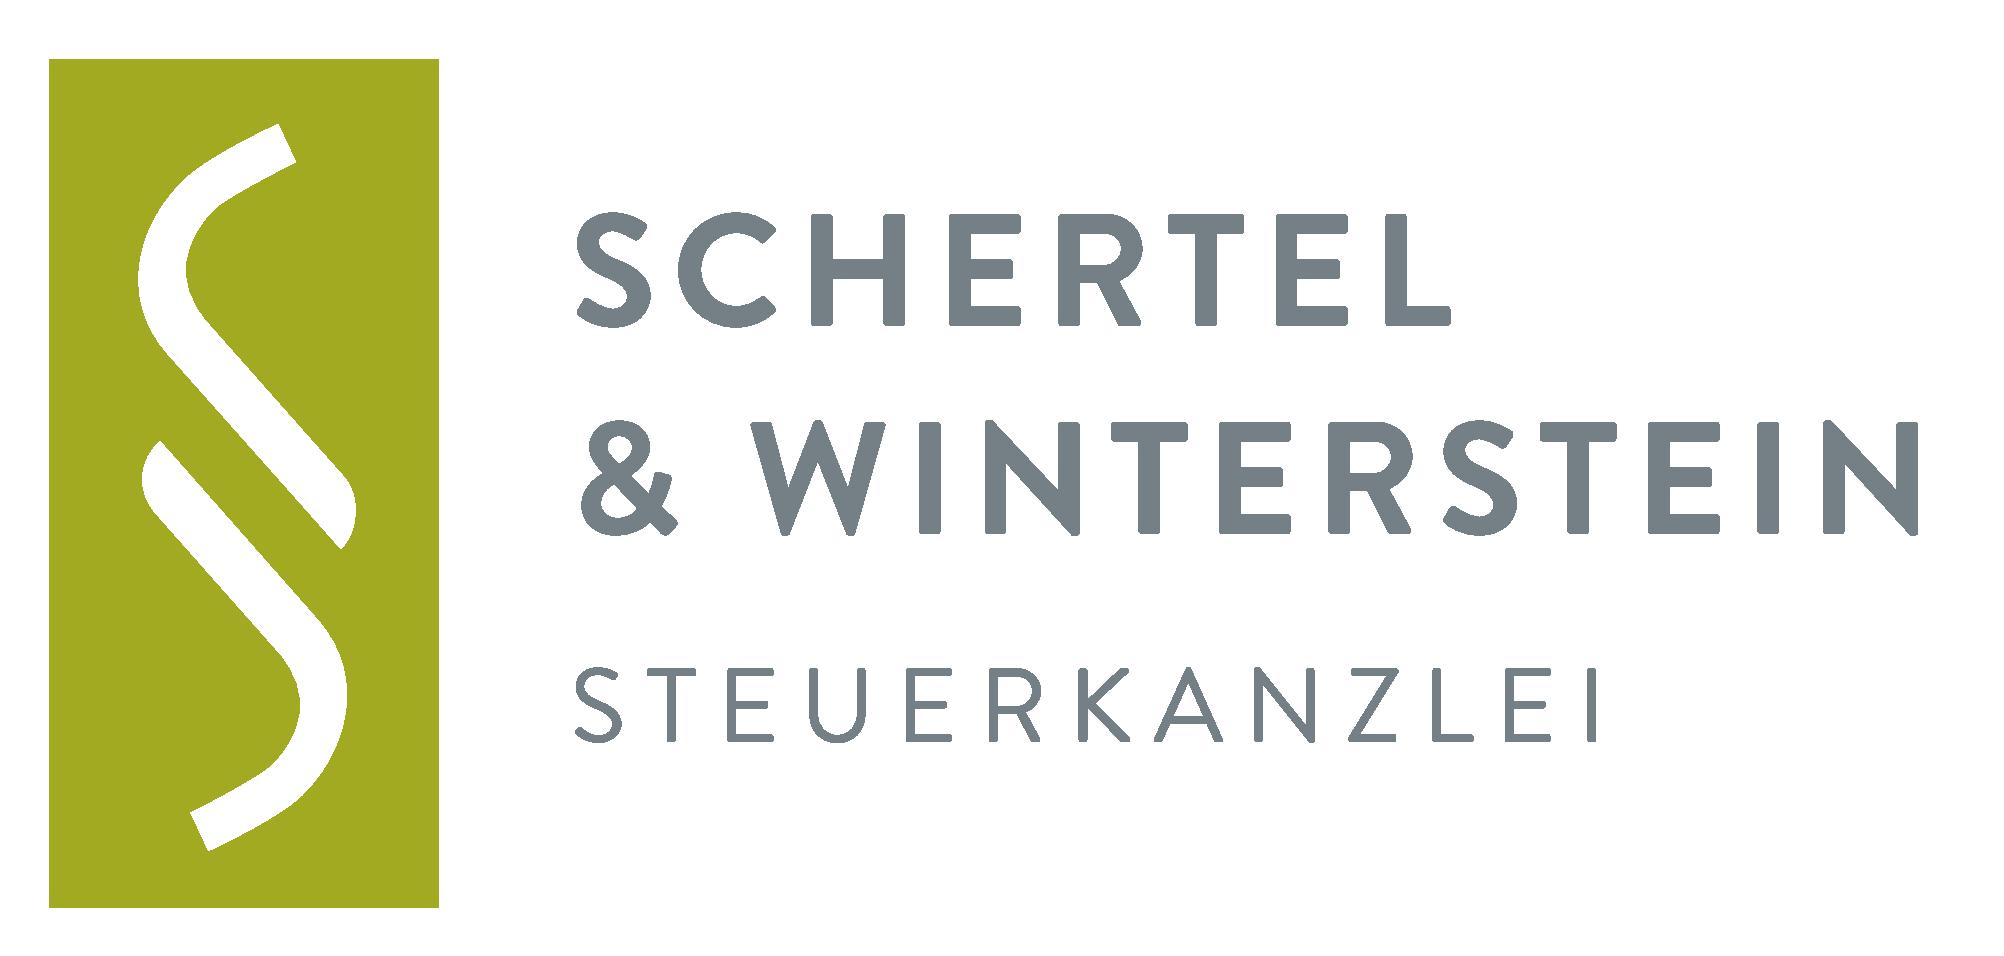 Steuerkanzlei Schertel & Winterstein